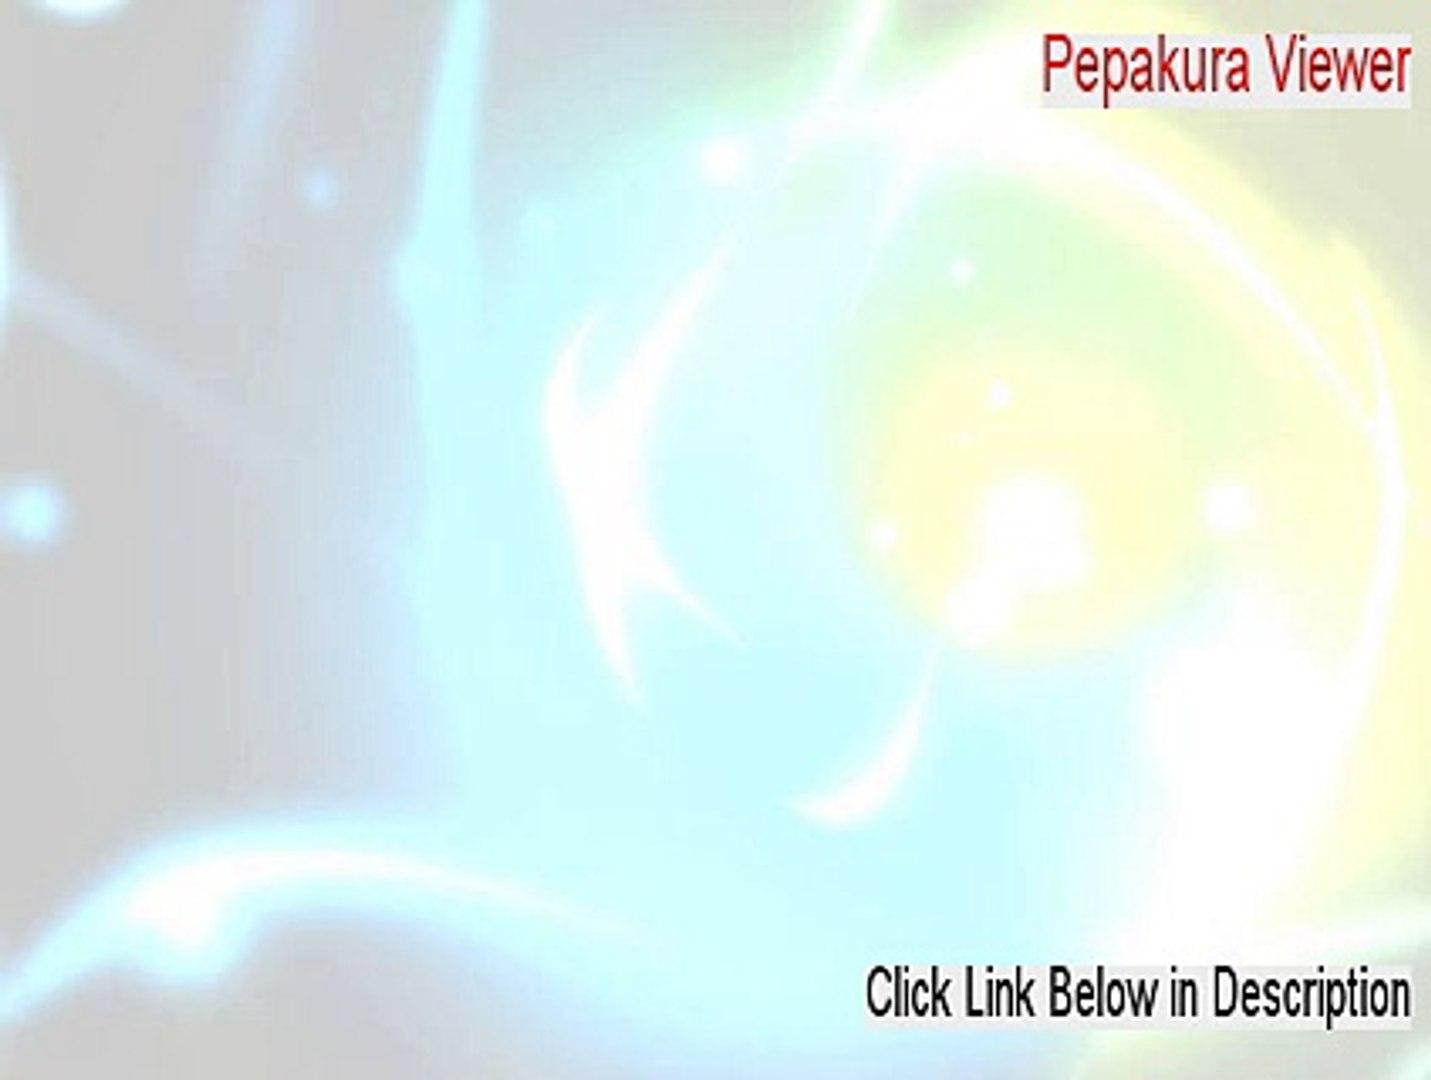 Pepakura Viewer Free Download (pepakura viewer/designer program)